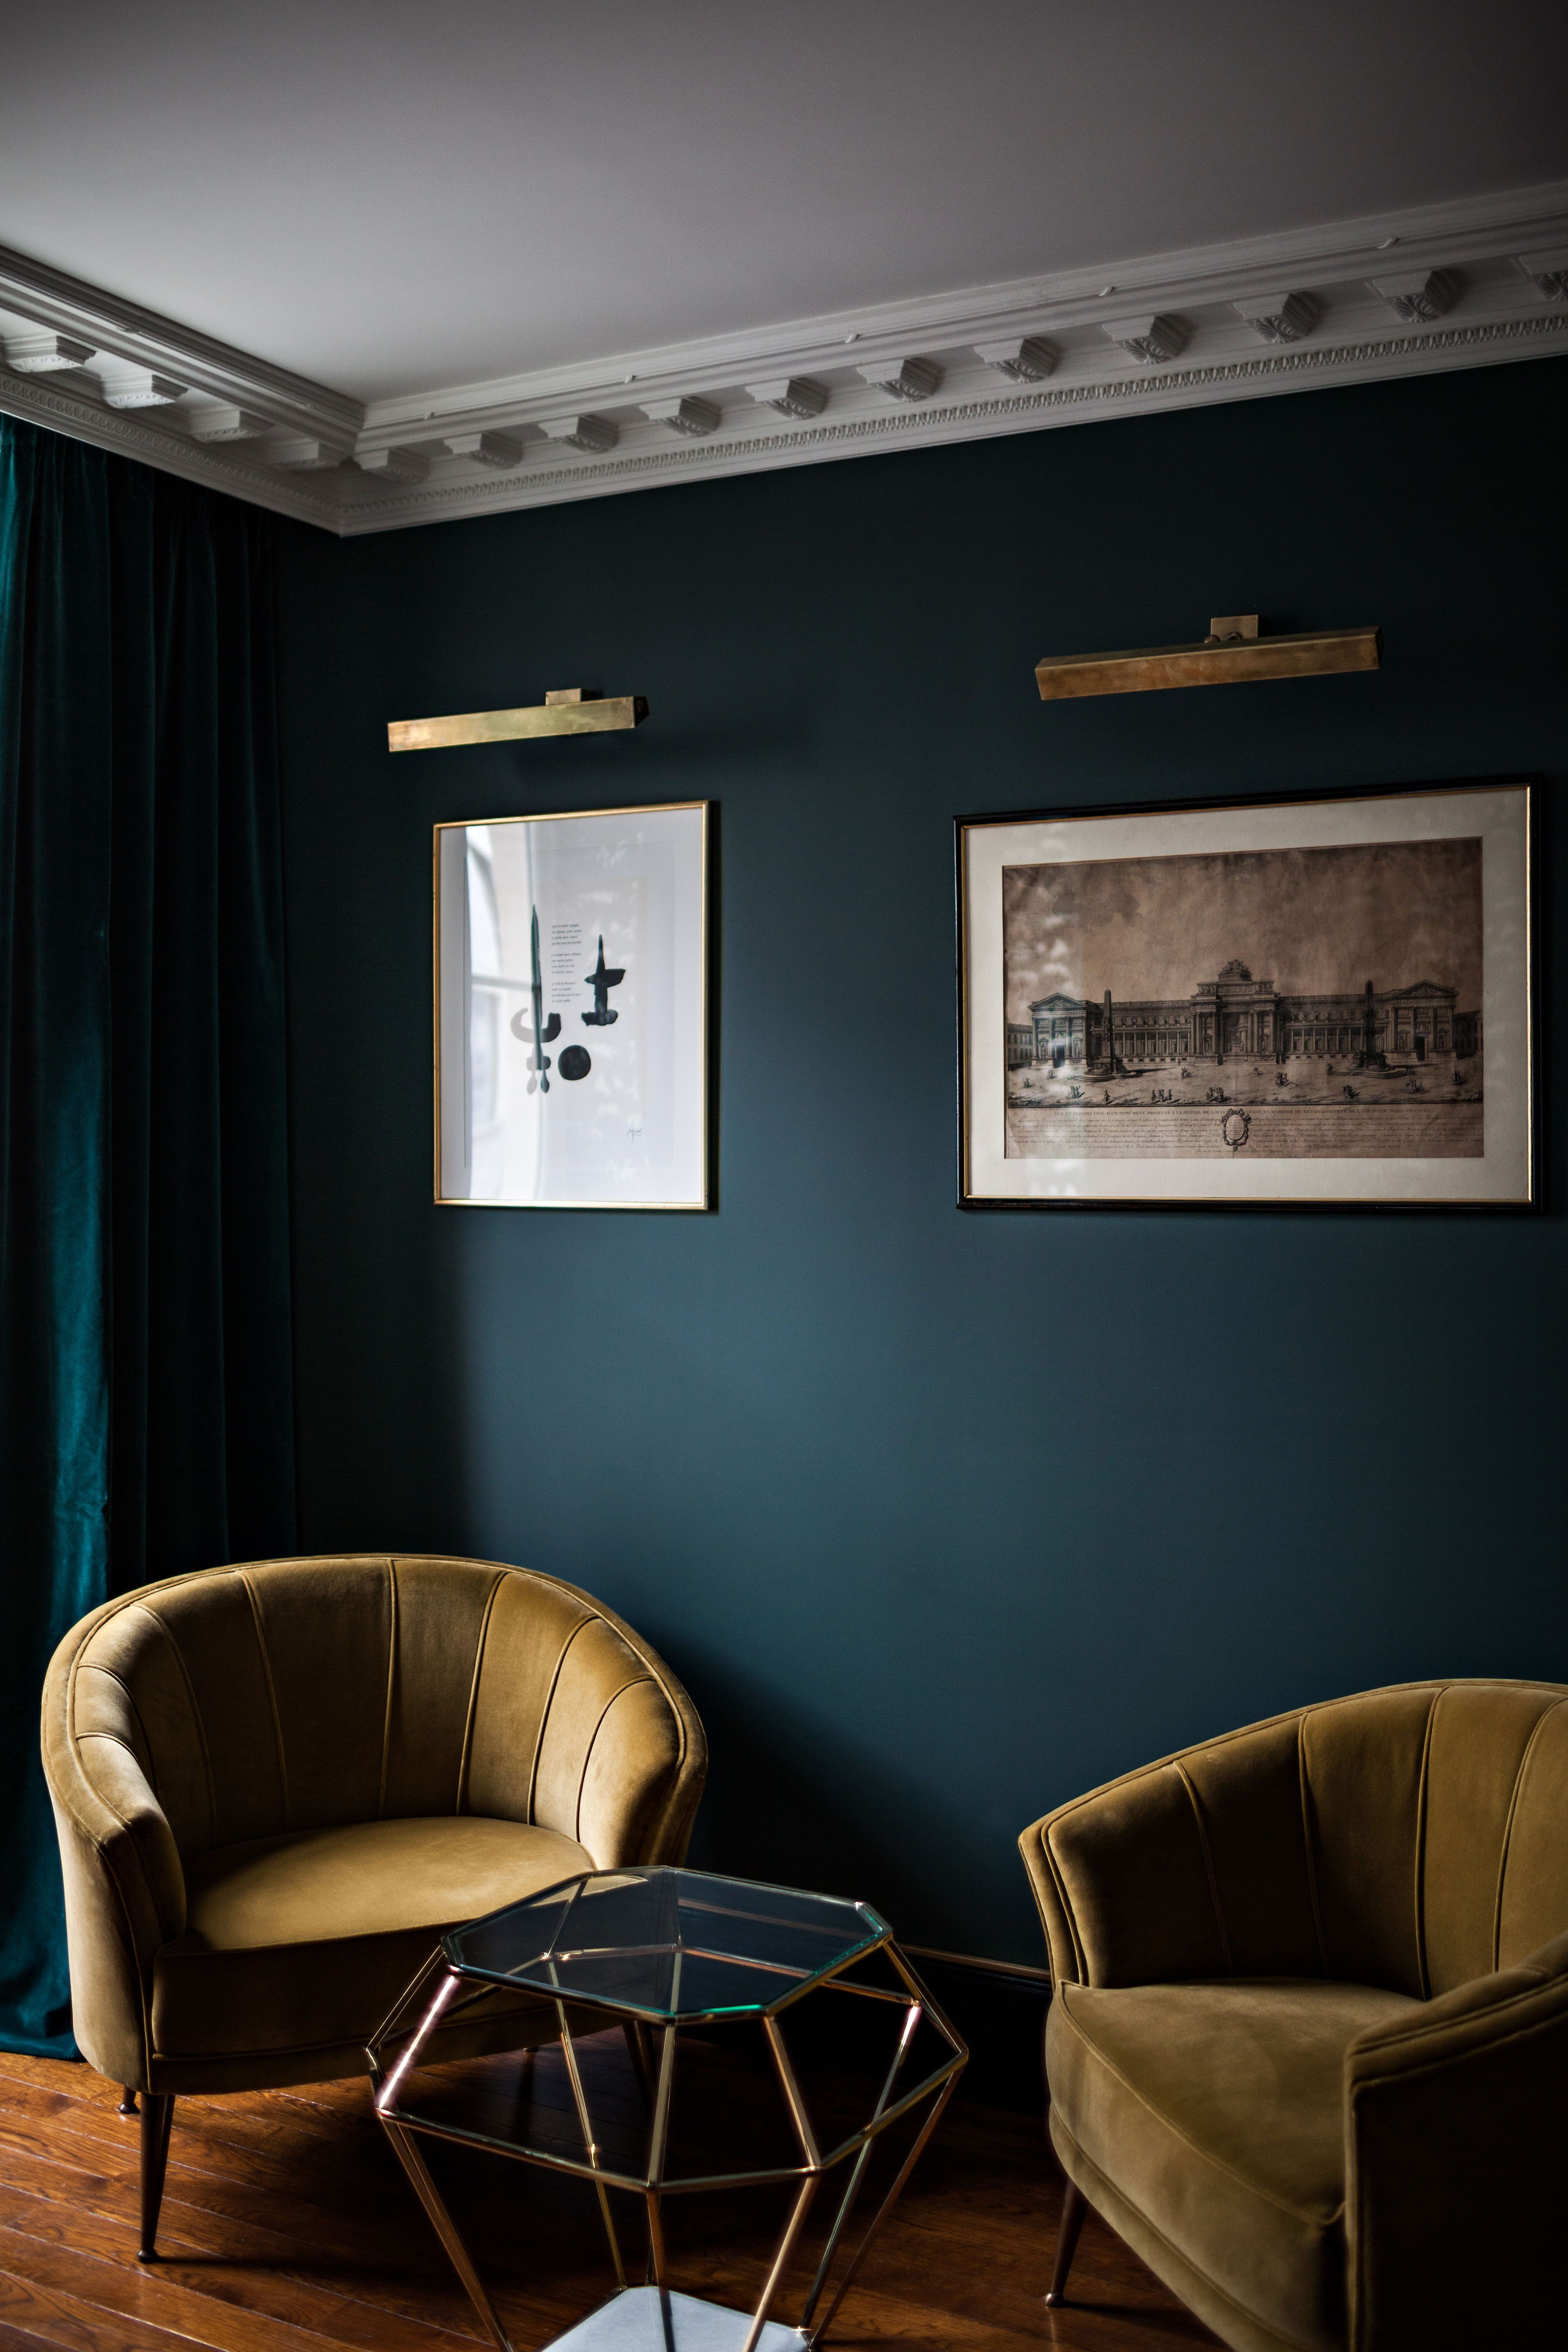 Dunkel Kontrast Im Wohnzimmer